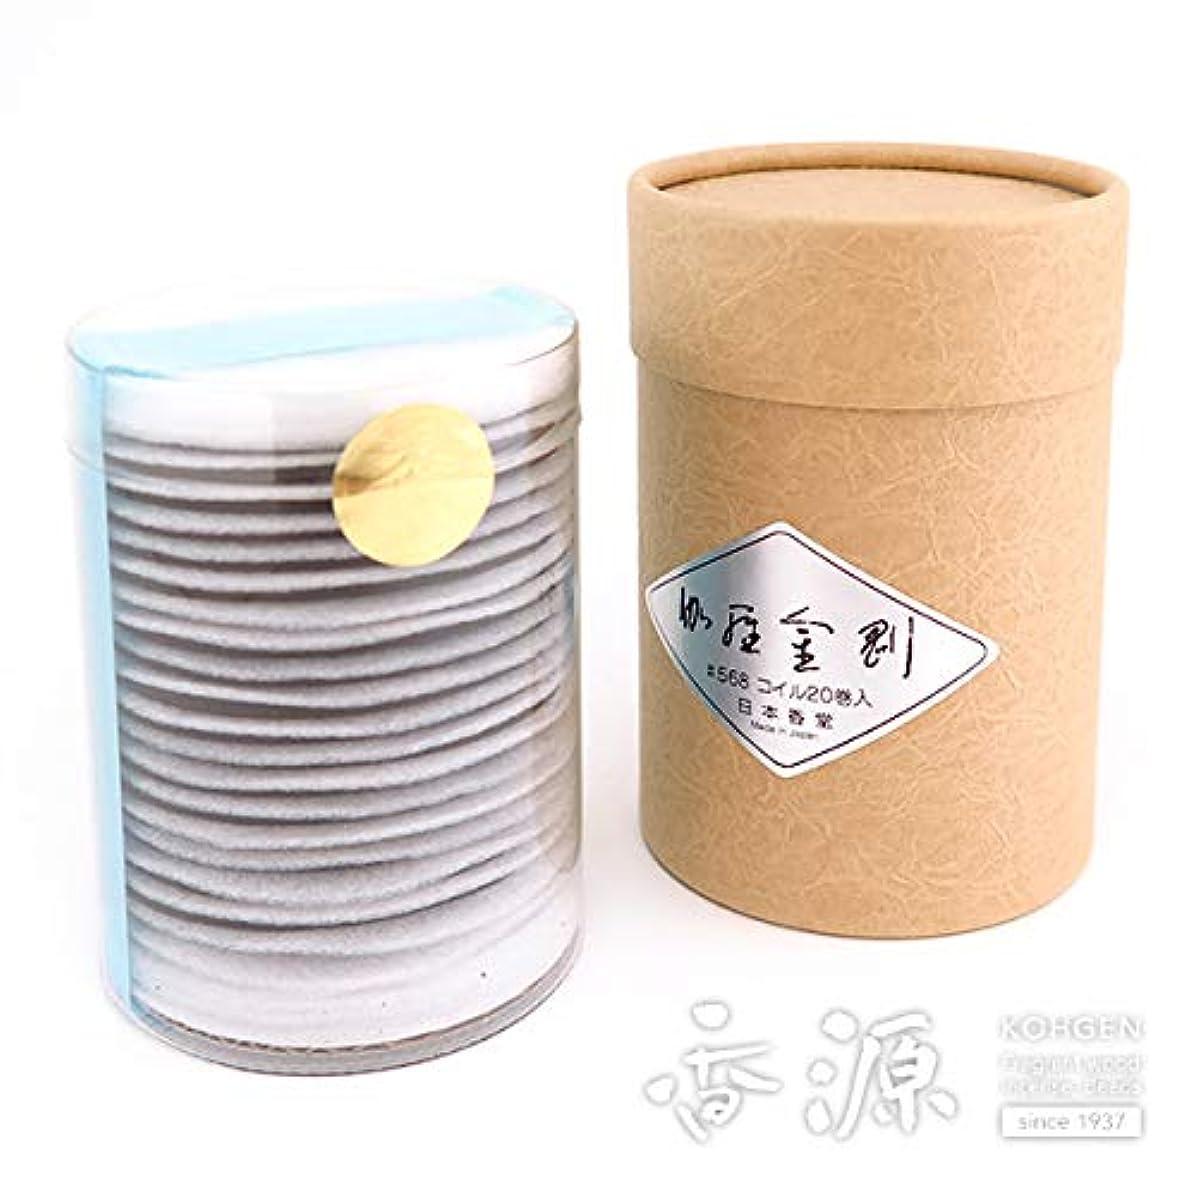 日本香堂のお香 伽羅金剛 徳用渦巻20枚入